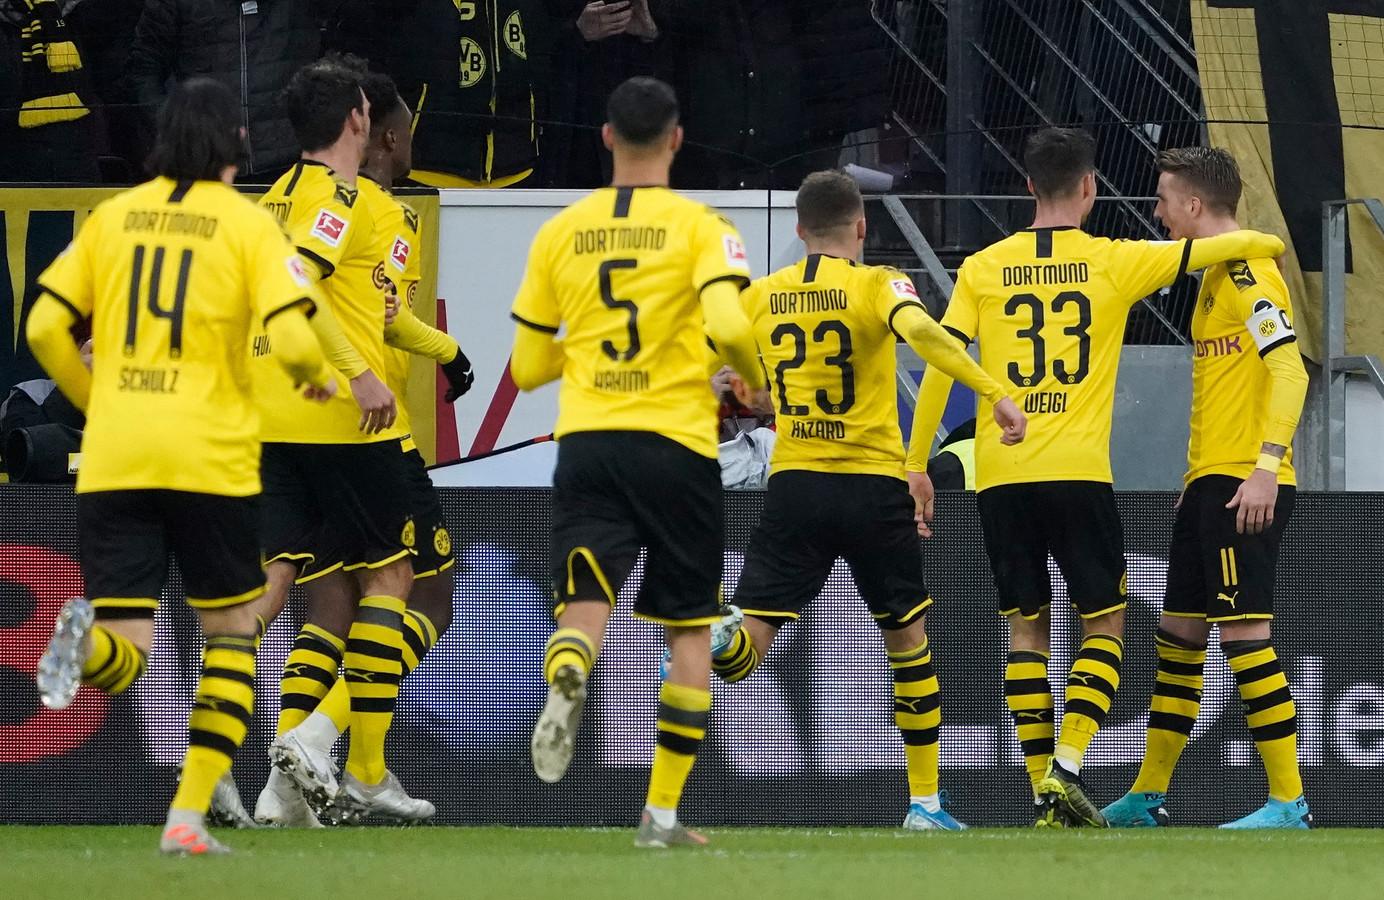 Doelpuntenmaker Marco Reus (r) is het middelpunt van de feestvreugde bij Borussia Dortmund.